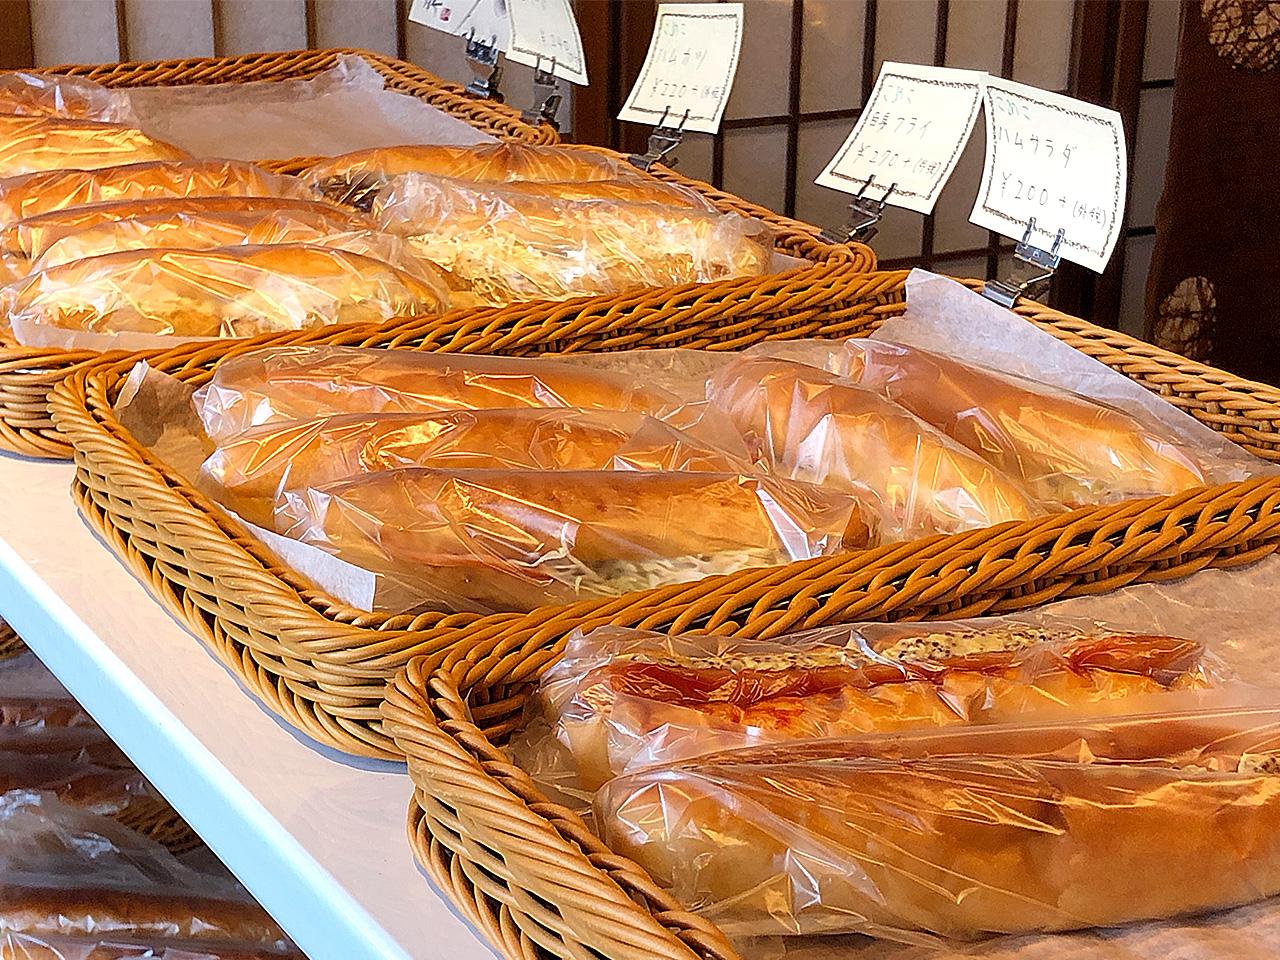 ブーランジェリーオショウ 店頭に並ぶ惣菜パン